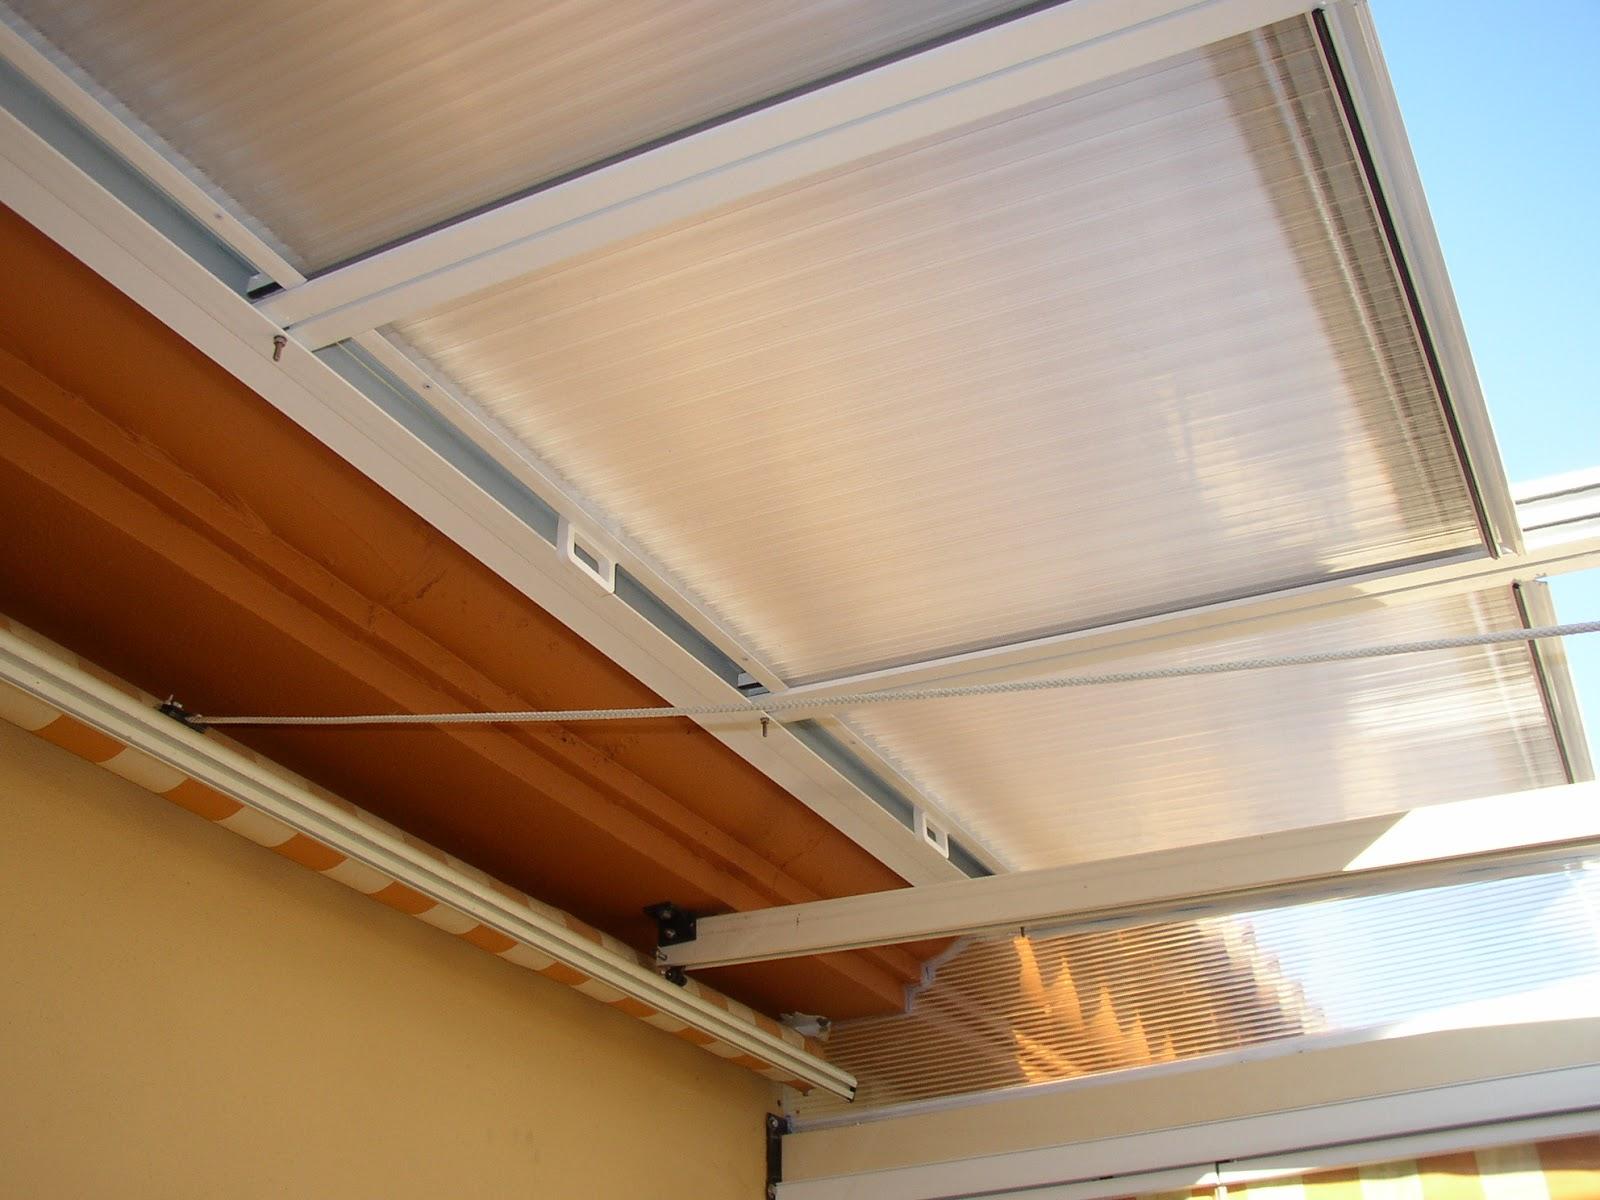 Instalaci n de techos m viles cerramientos a coru a for Rieles aluminio para toldos